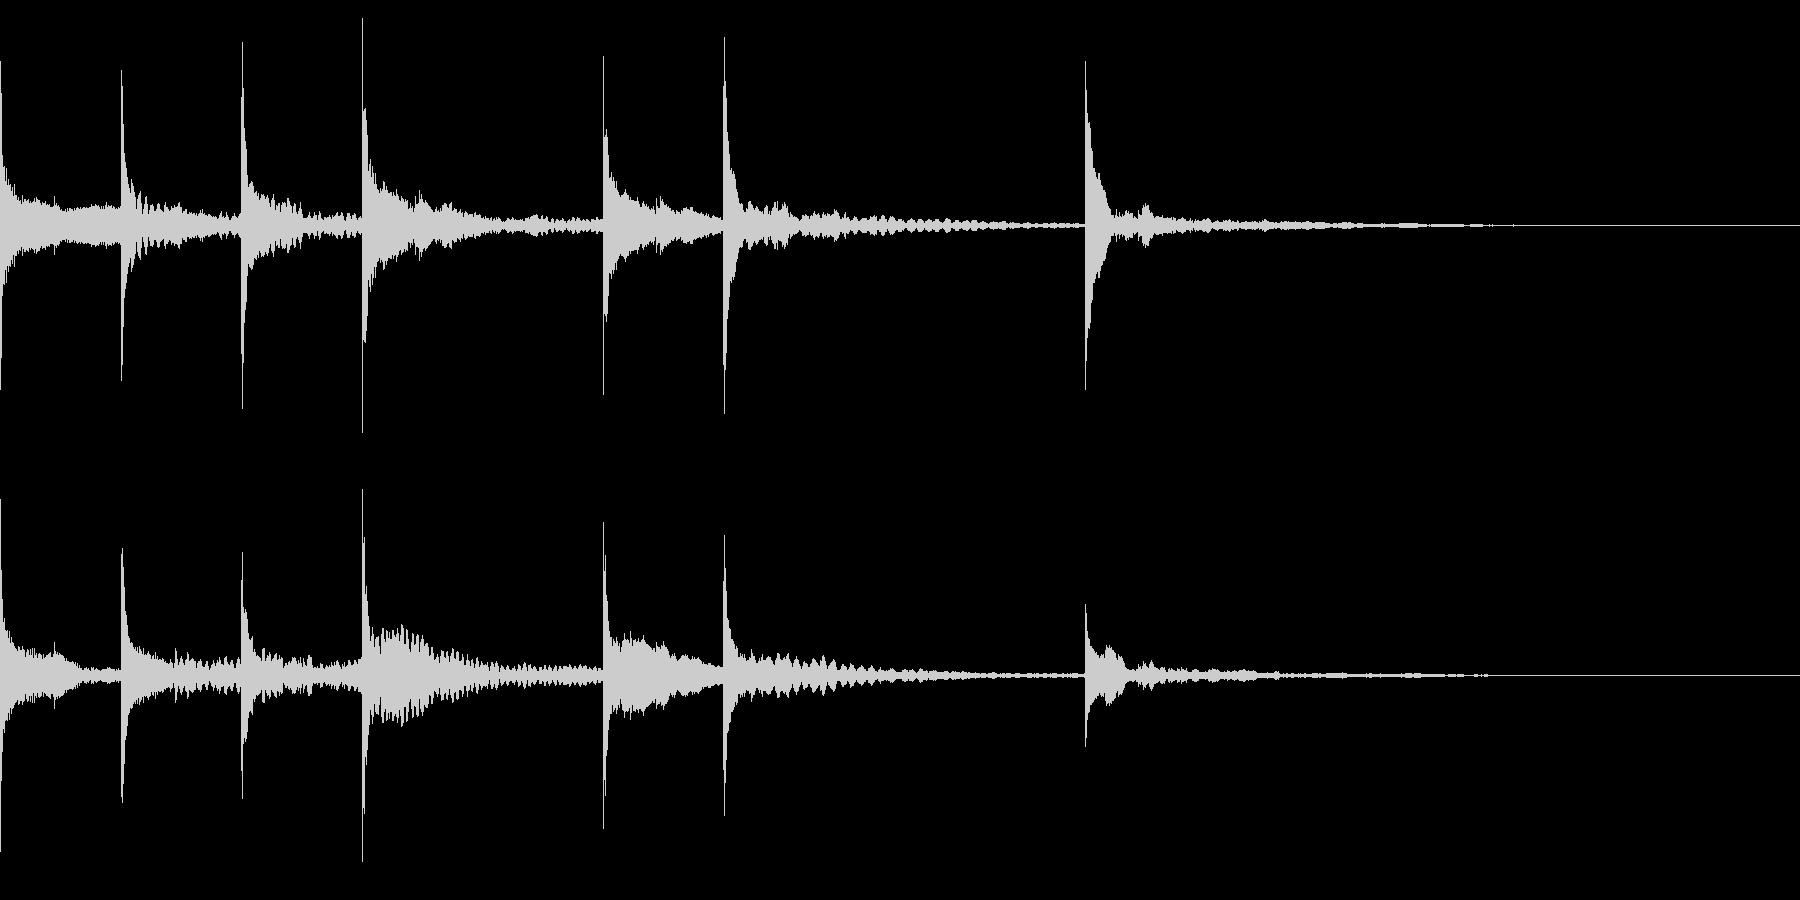 オチ、締めなどに使える可愛い木琴の音の未再生の波形